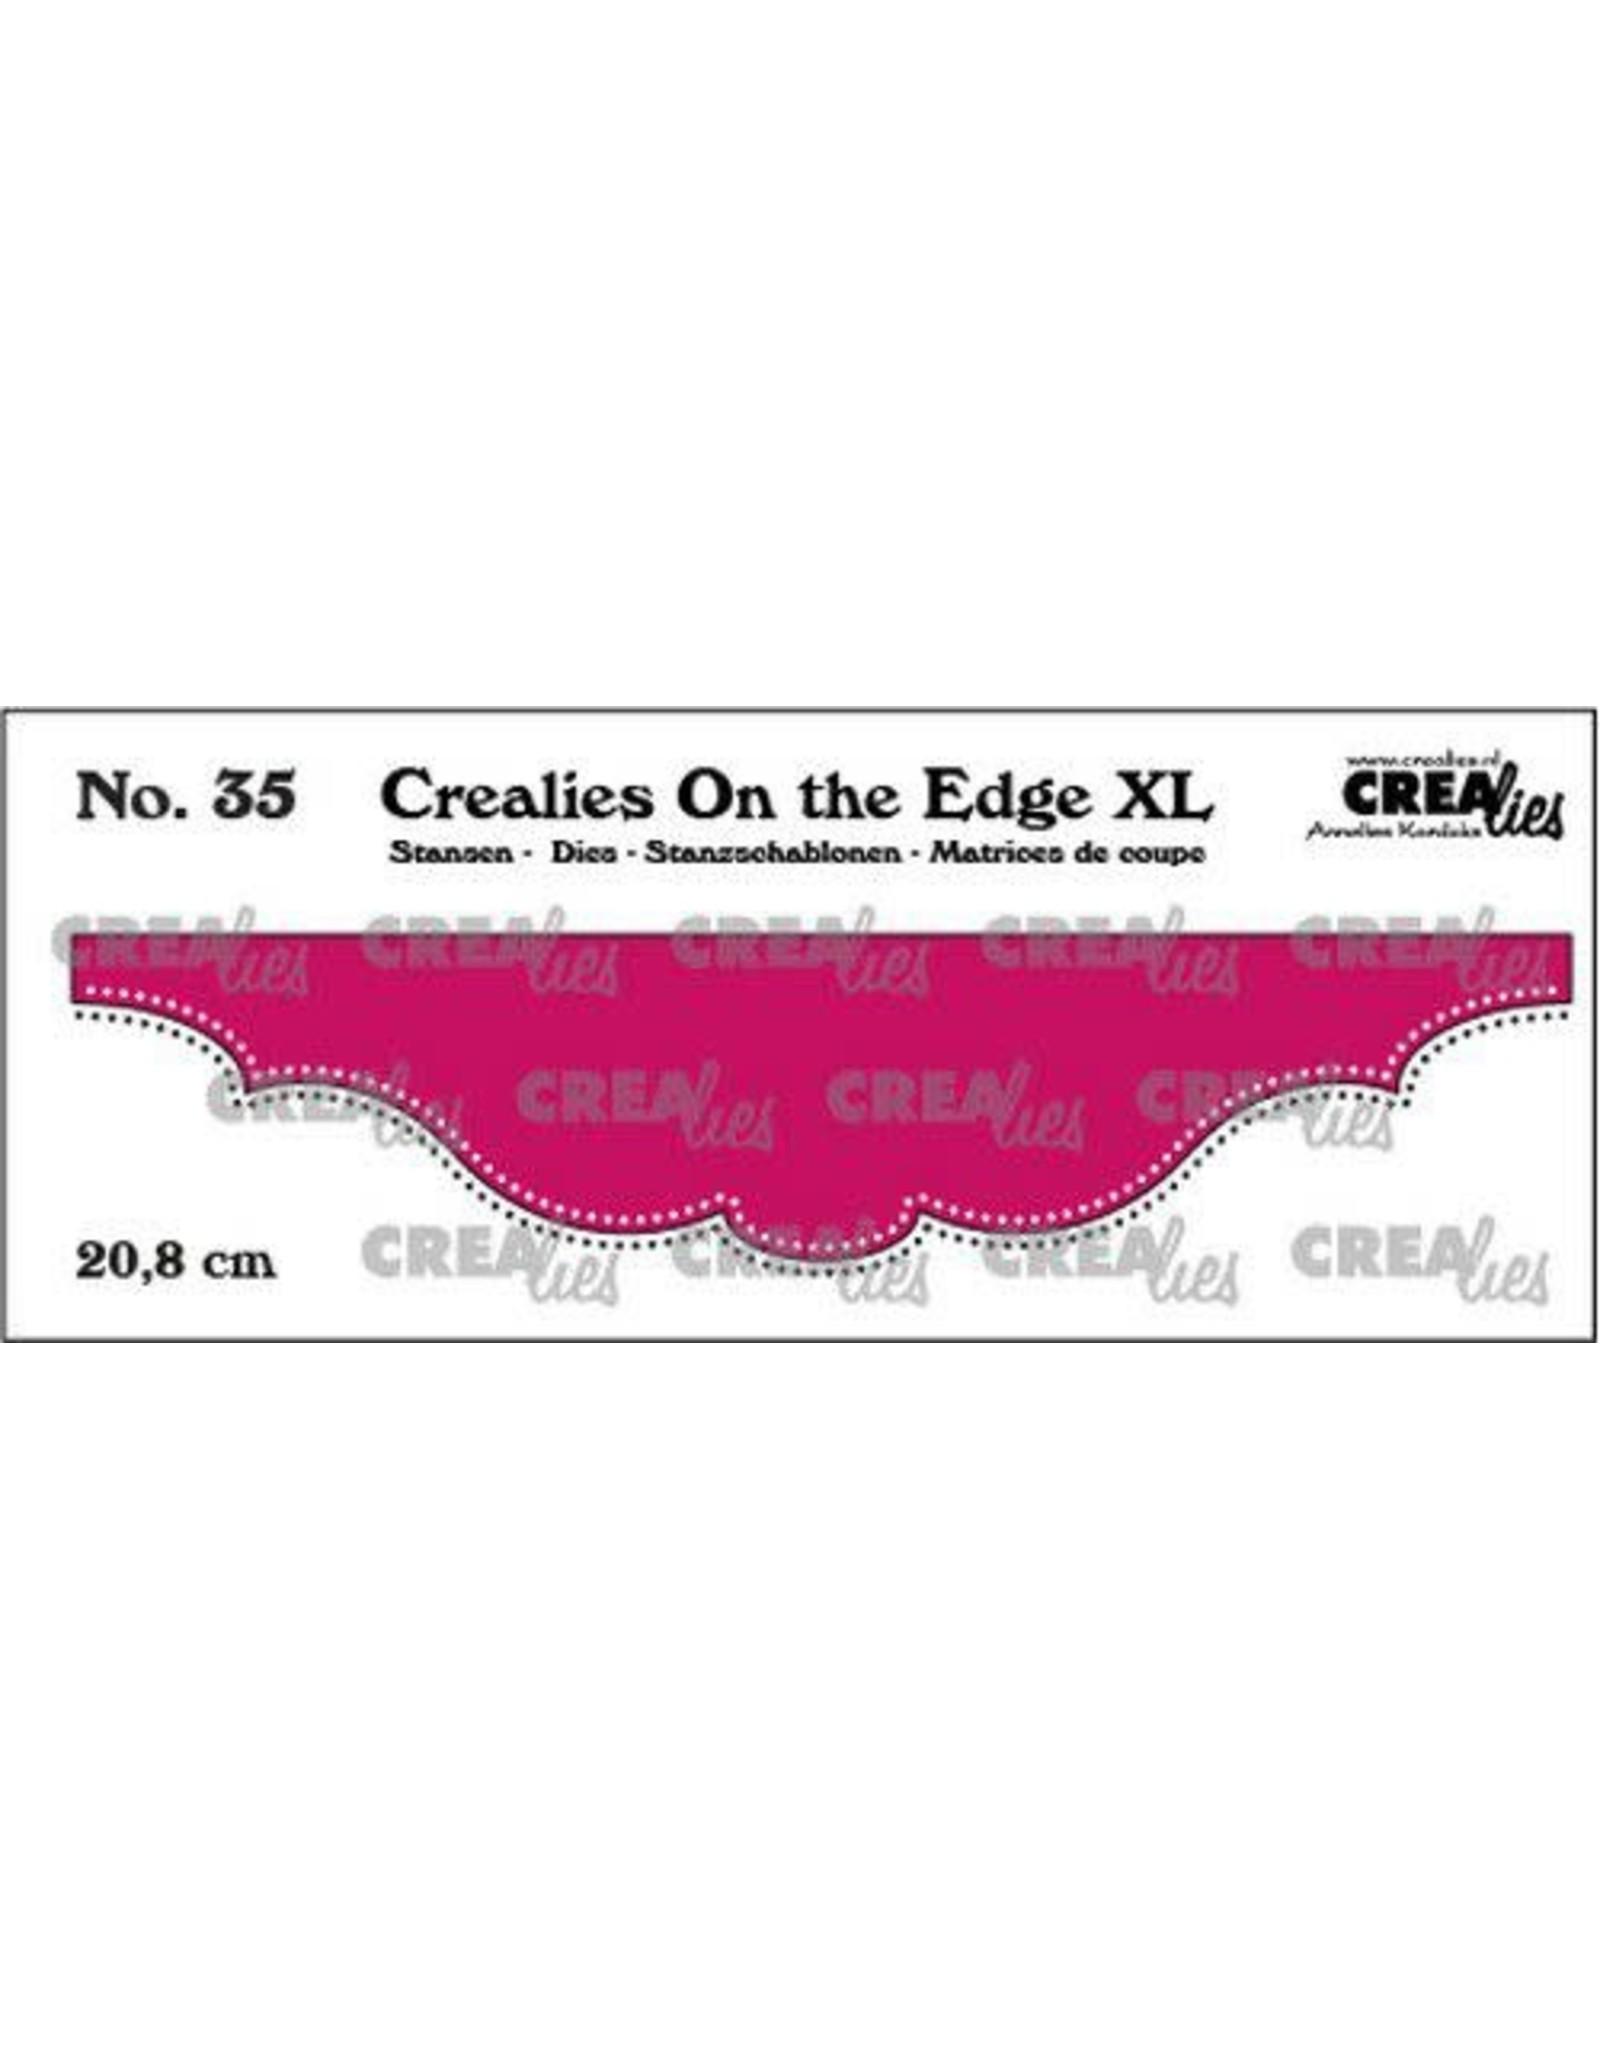 Crealies Crealies On the edge XL Die stans no 35 CLOTEXL35 20,8cm